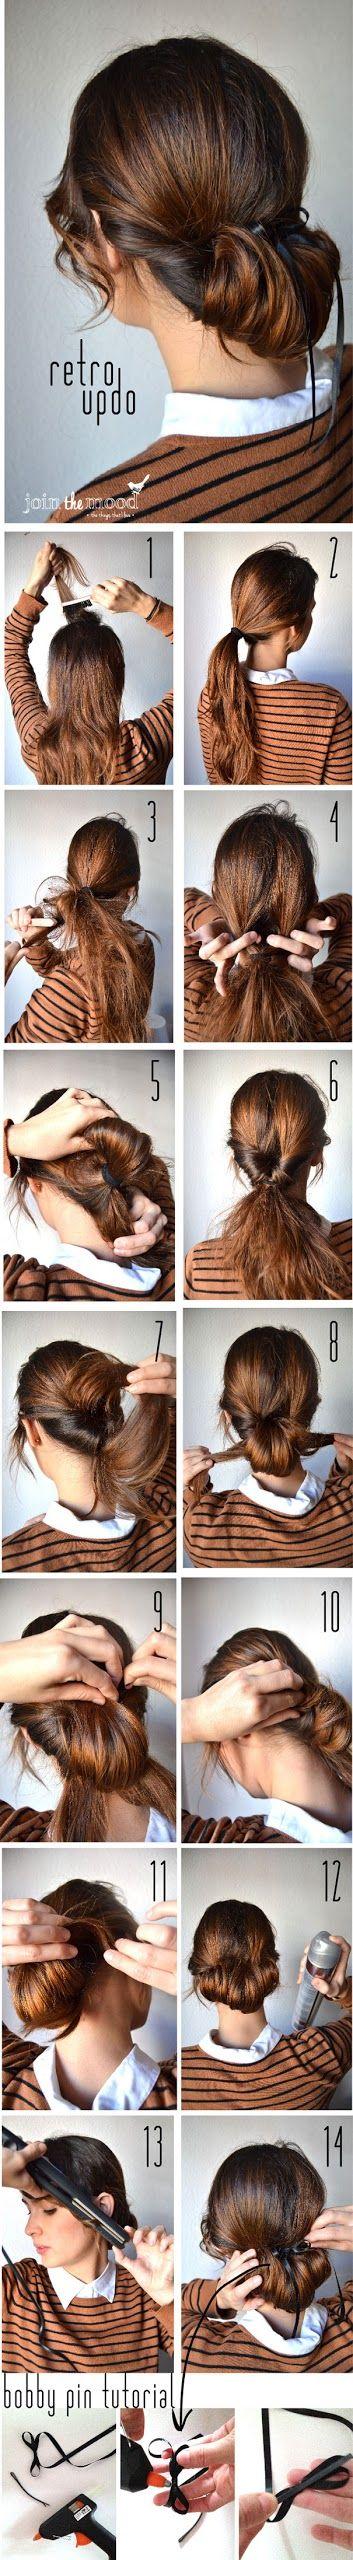 trendy low bun updo hairstyles tutorials easy cute hairstyles